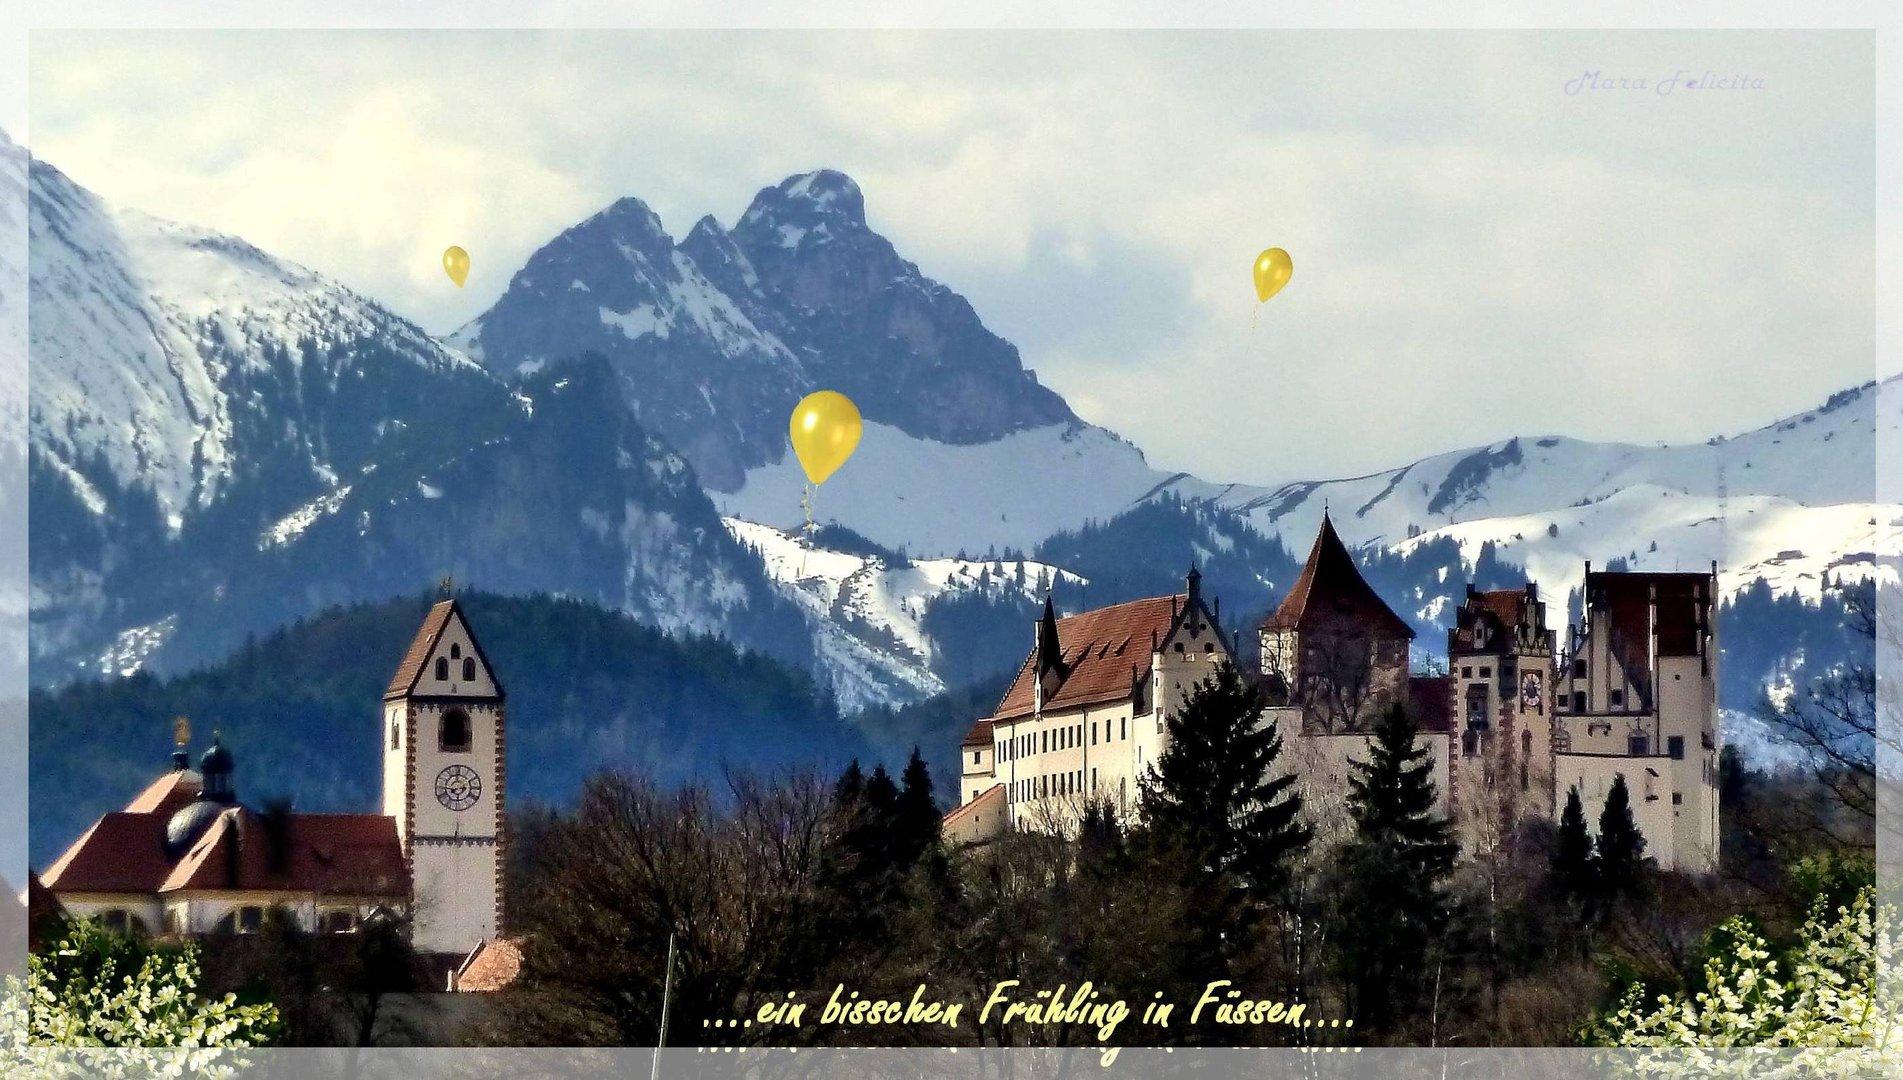 Ein bisserl Frühling in Füssen......